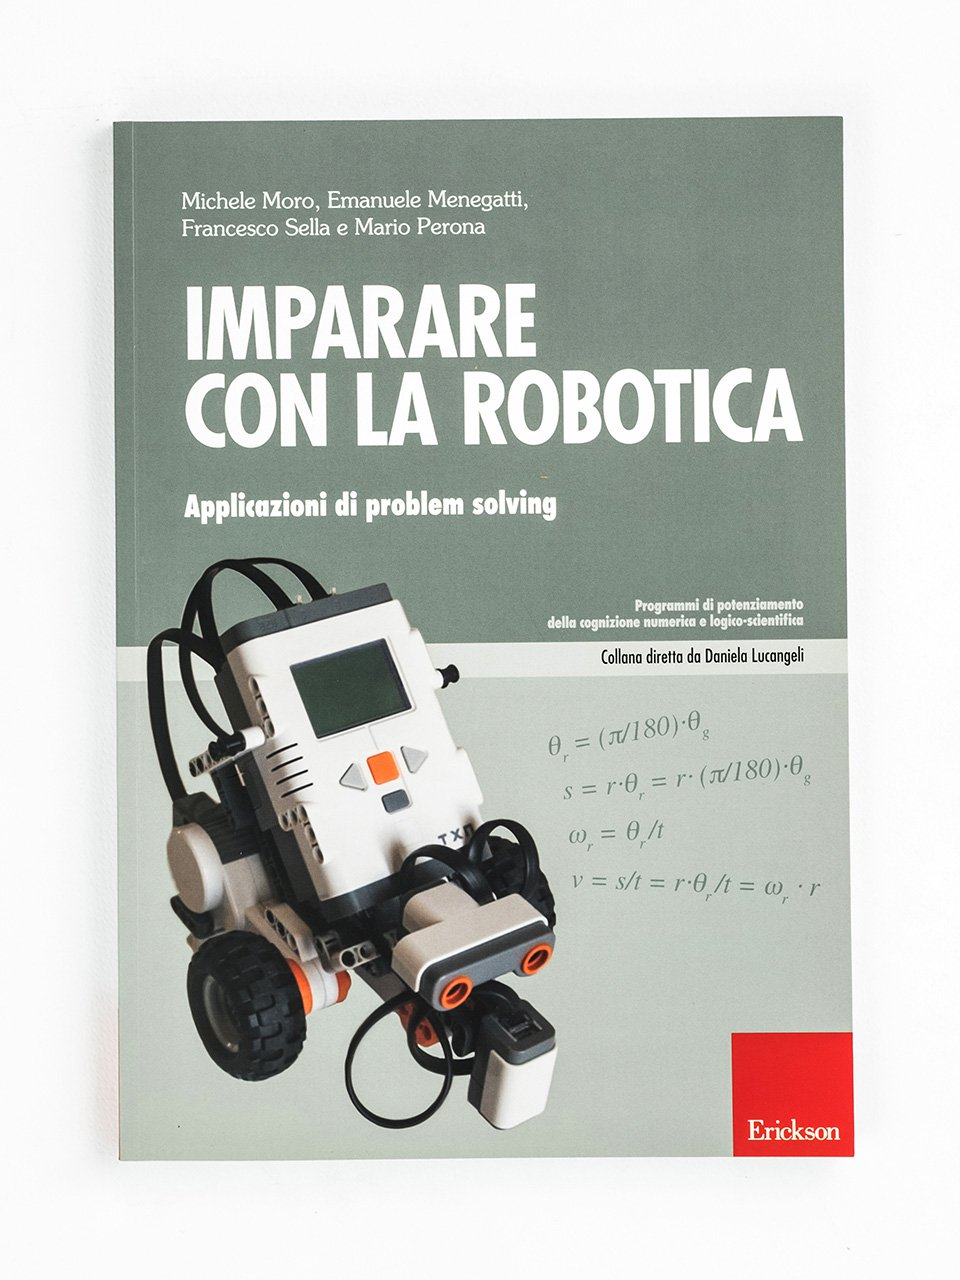 Imparare con la robotica - Teacher Education Agenda - Libri - Erickson